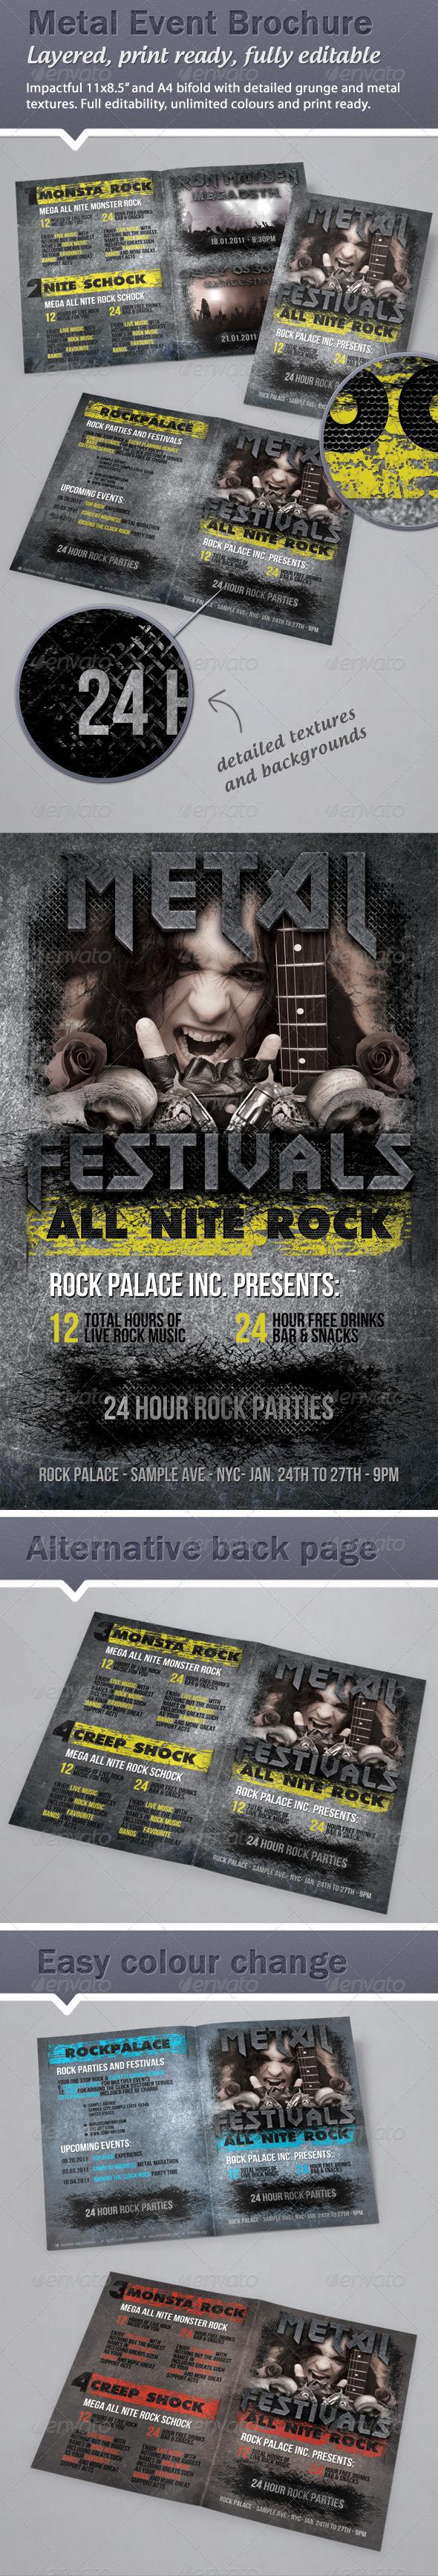 Heavy metal / rock event Brochure - 11x8.5 & A4 - Informational Brochures